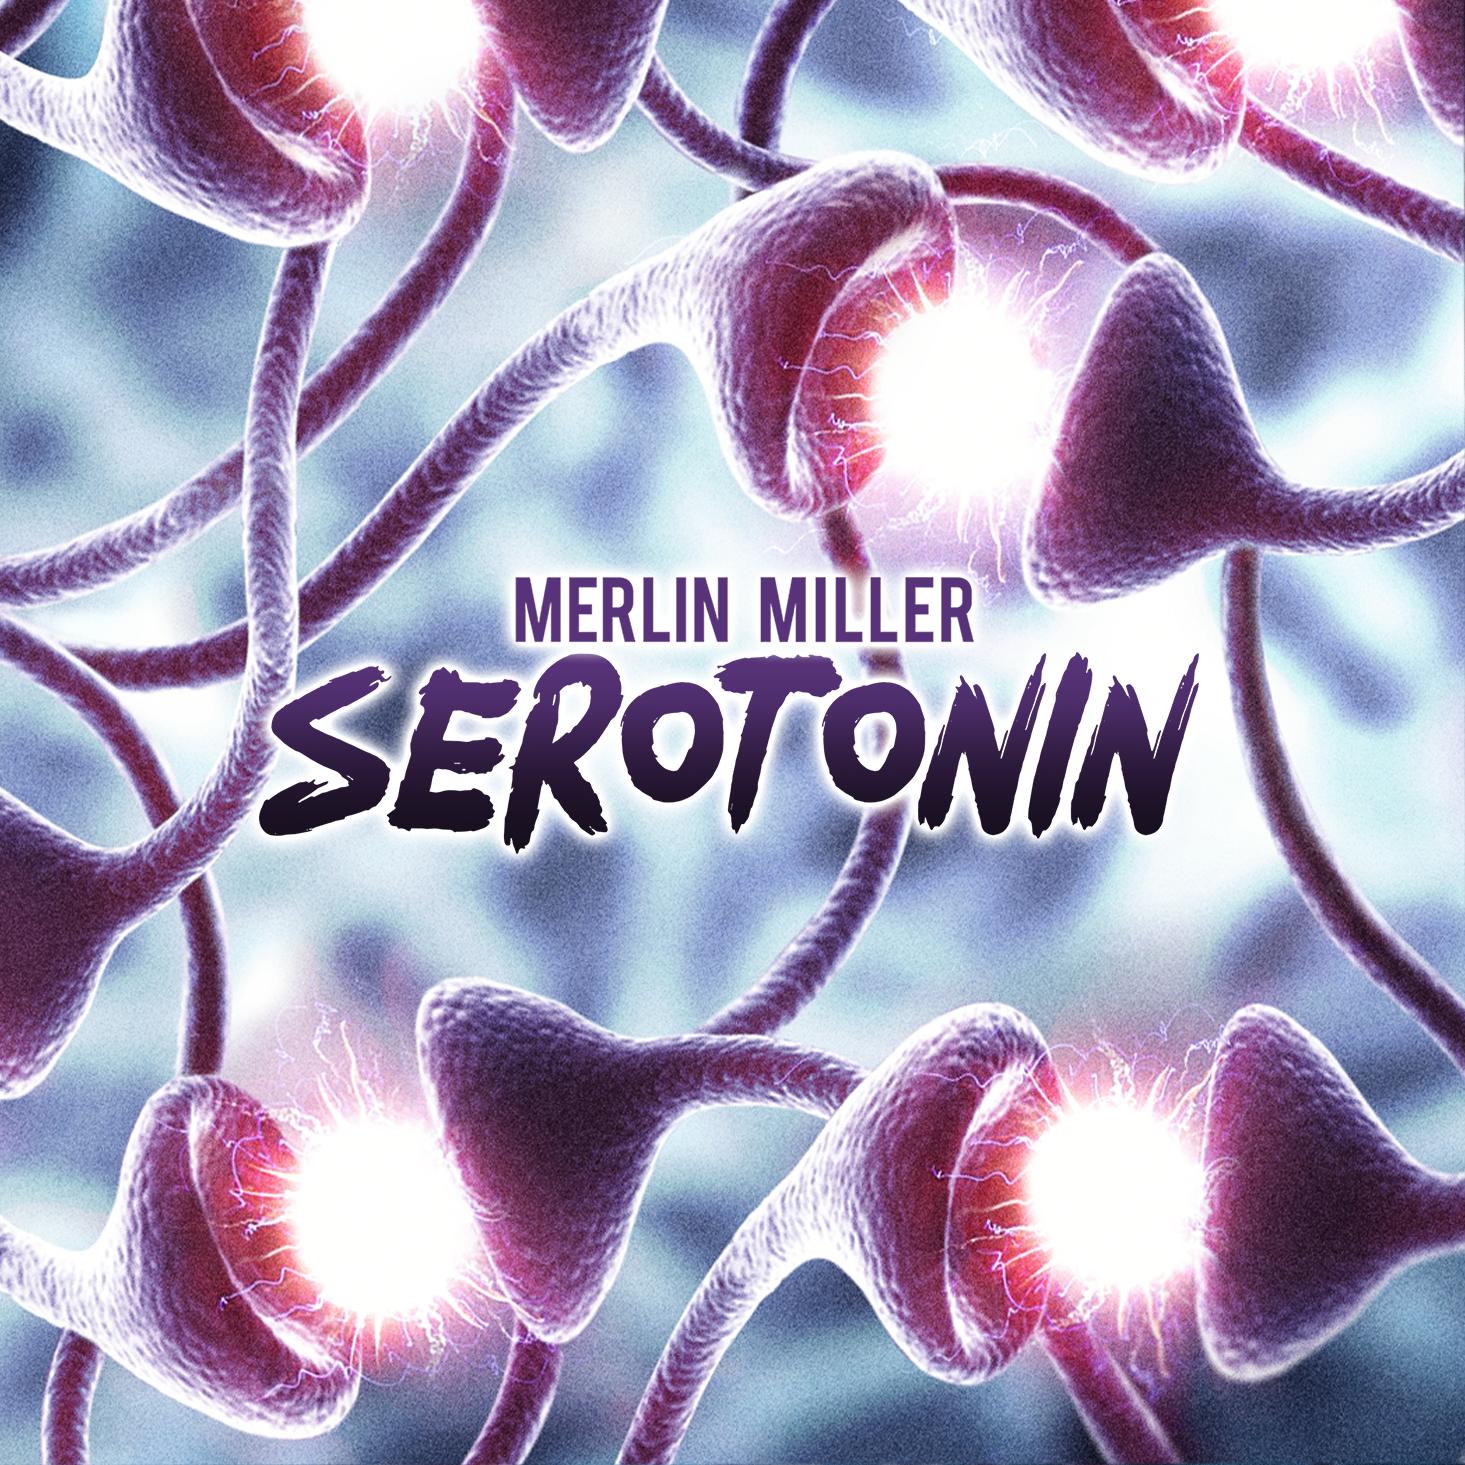 Merlin Miller - Serotonin